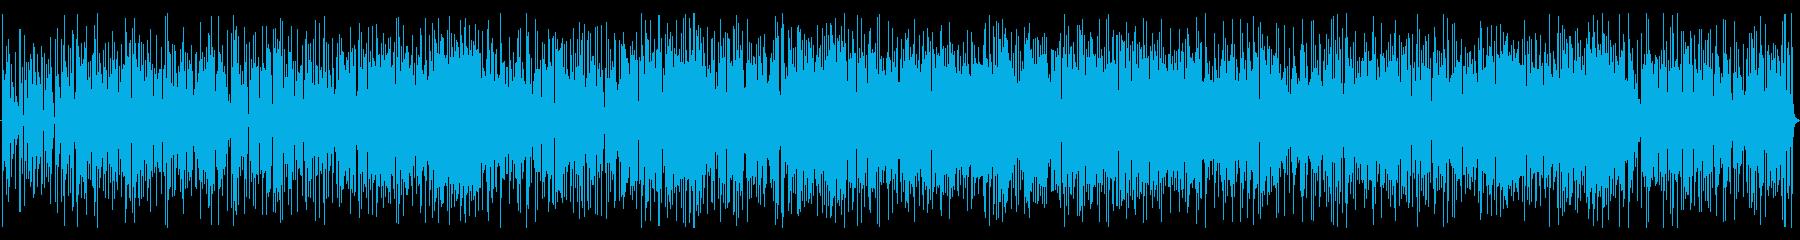 爽快おしゃれBGMの再生済みの波形